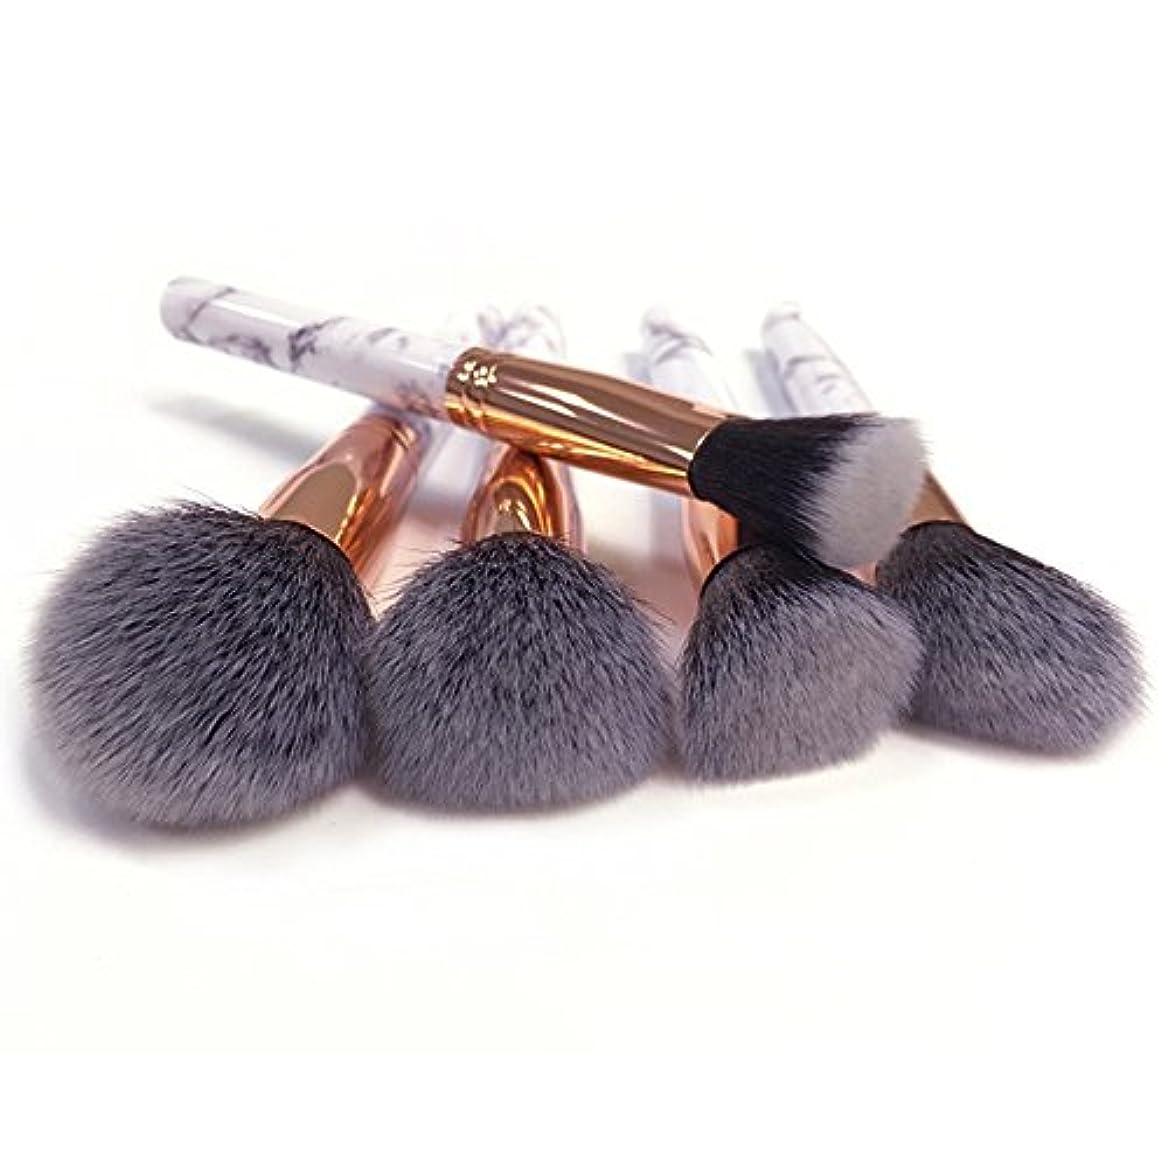 パントリー解き明かす噴水Akane 10本 大理石紋 超気質的 セート 多機能 柔らかい たっぷり 高級 優雅 綺麗 魅力 上等な使用感 激安 日常 仕事 おしゃれ Makeup Brush メイクアップブラシ